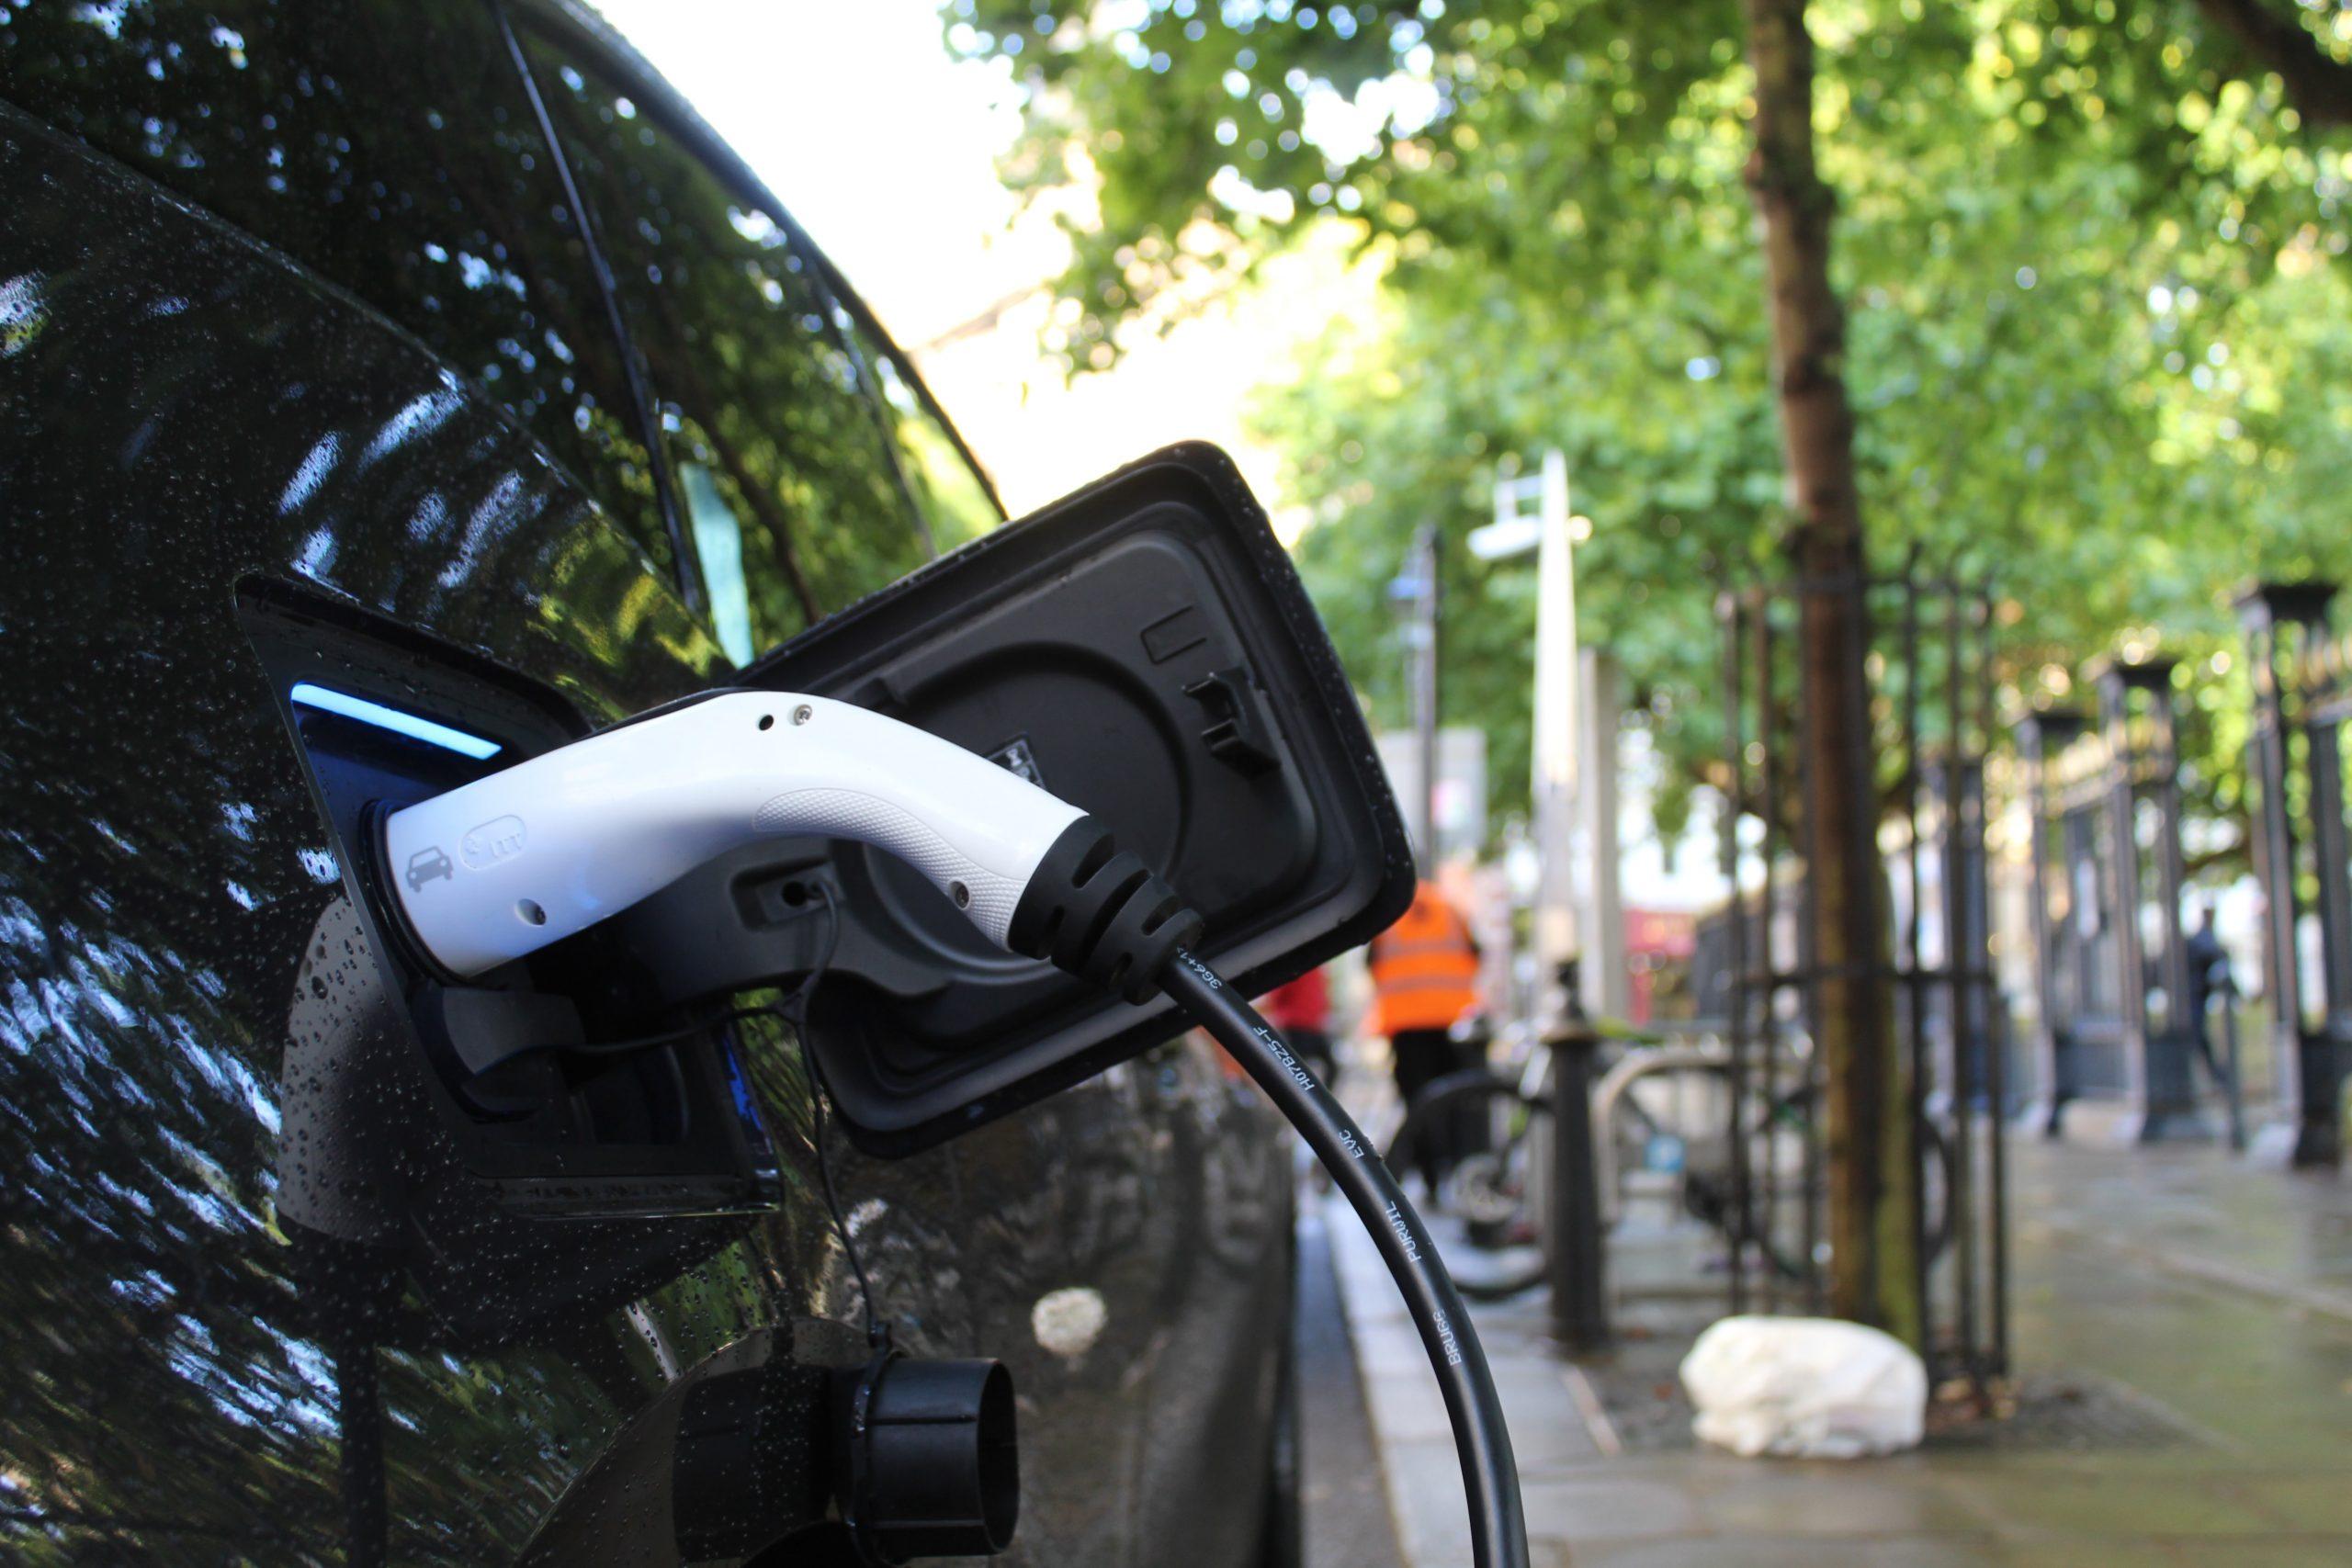 Samochód elektrczny - czy warto